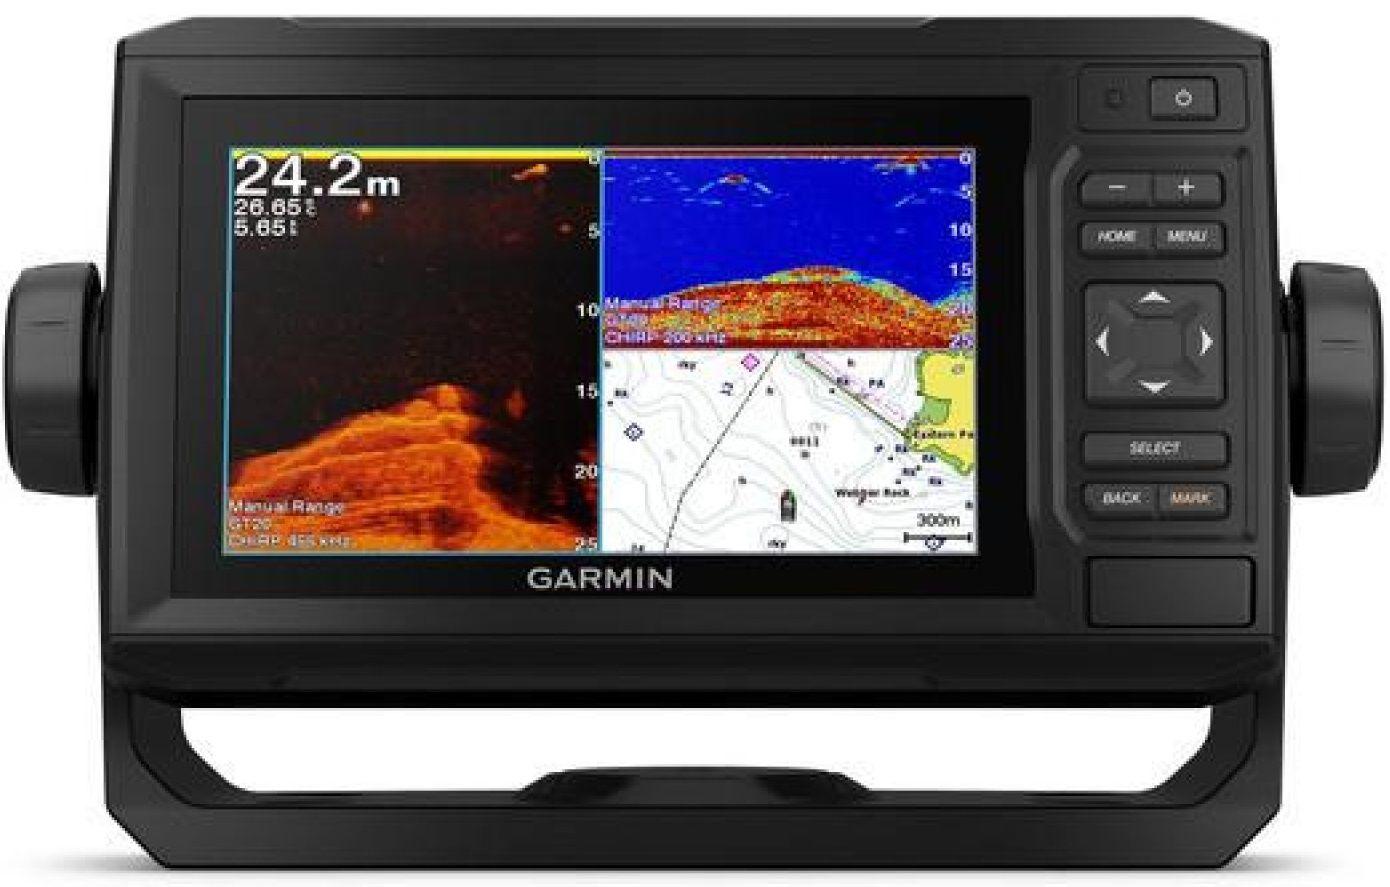 Gps Garmin Echomap 62cv Plus com Transdutor e Carta nautica  010-01888-01